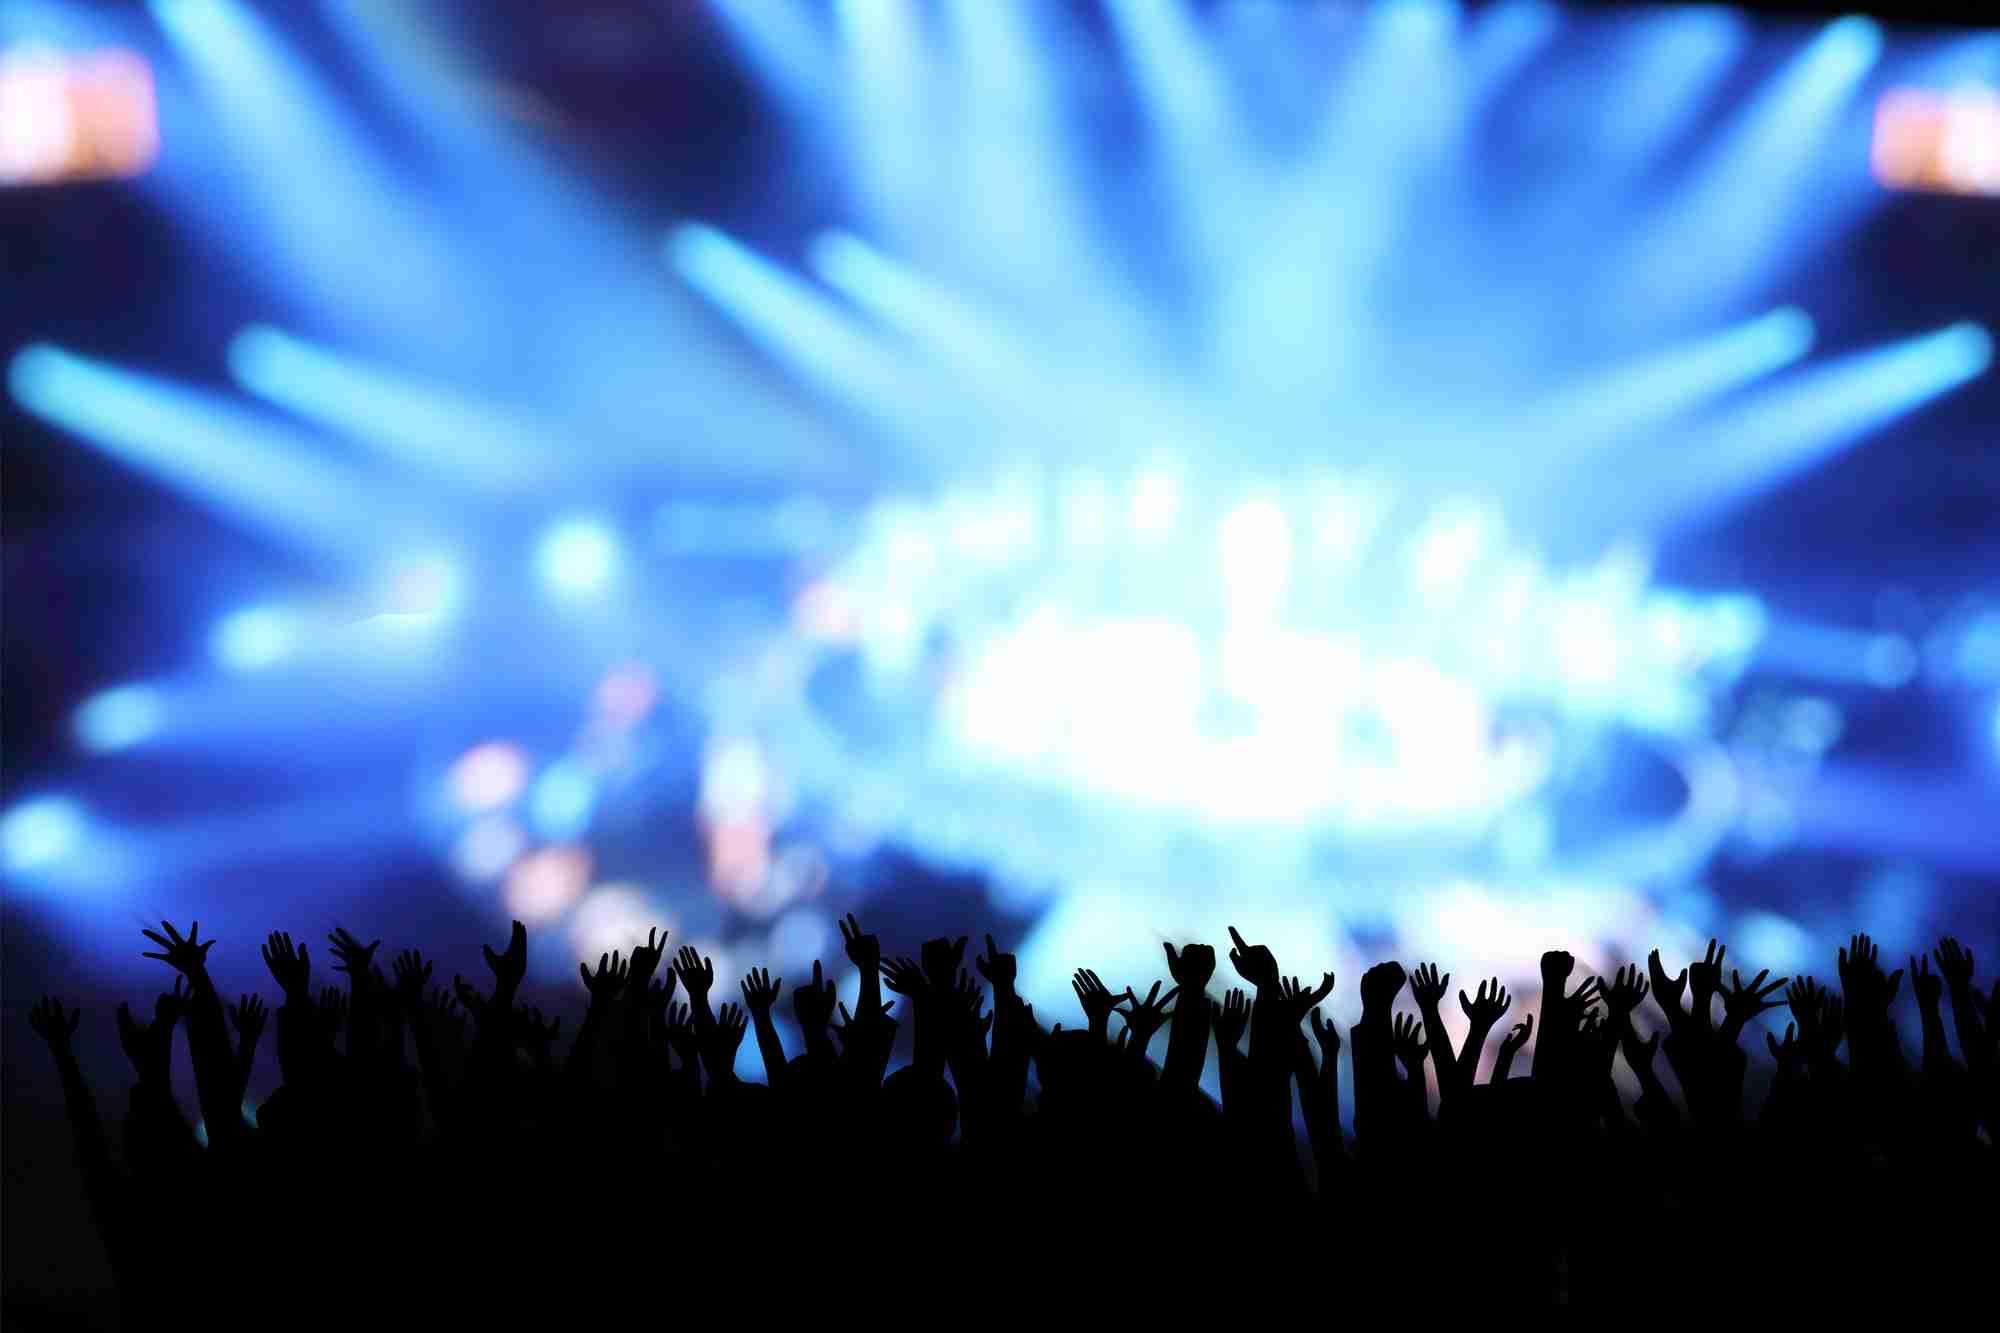 嵐・櫻井翔が福岡ドームコンサートでファンに「マジ切れ」した一部始終! - まいじつ